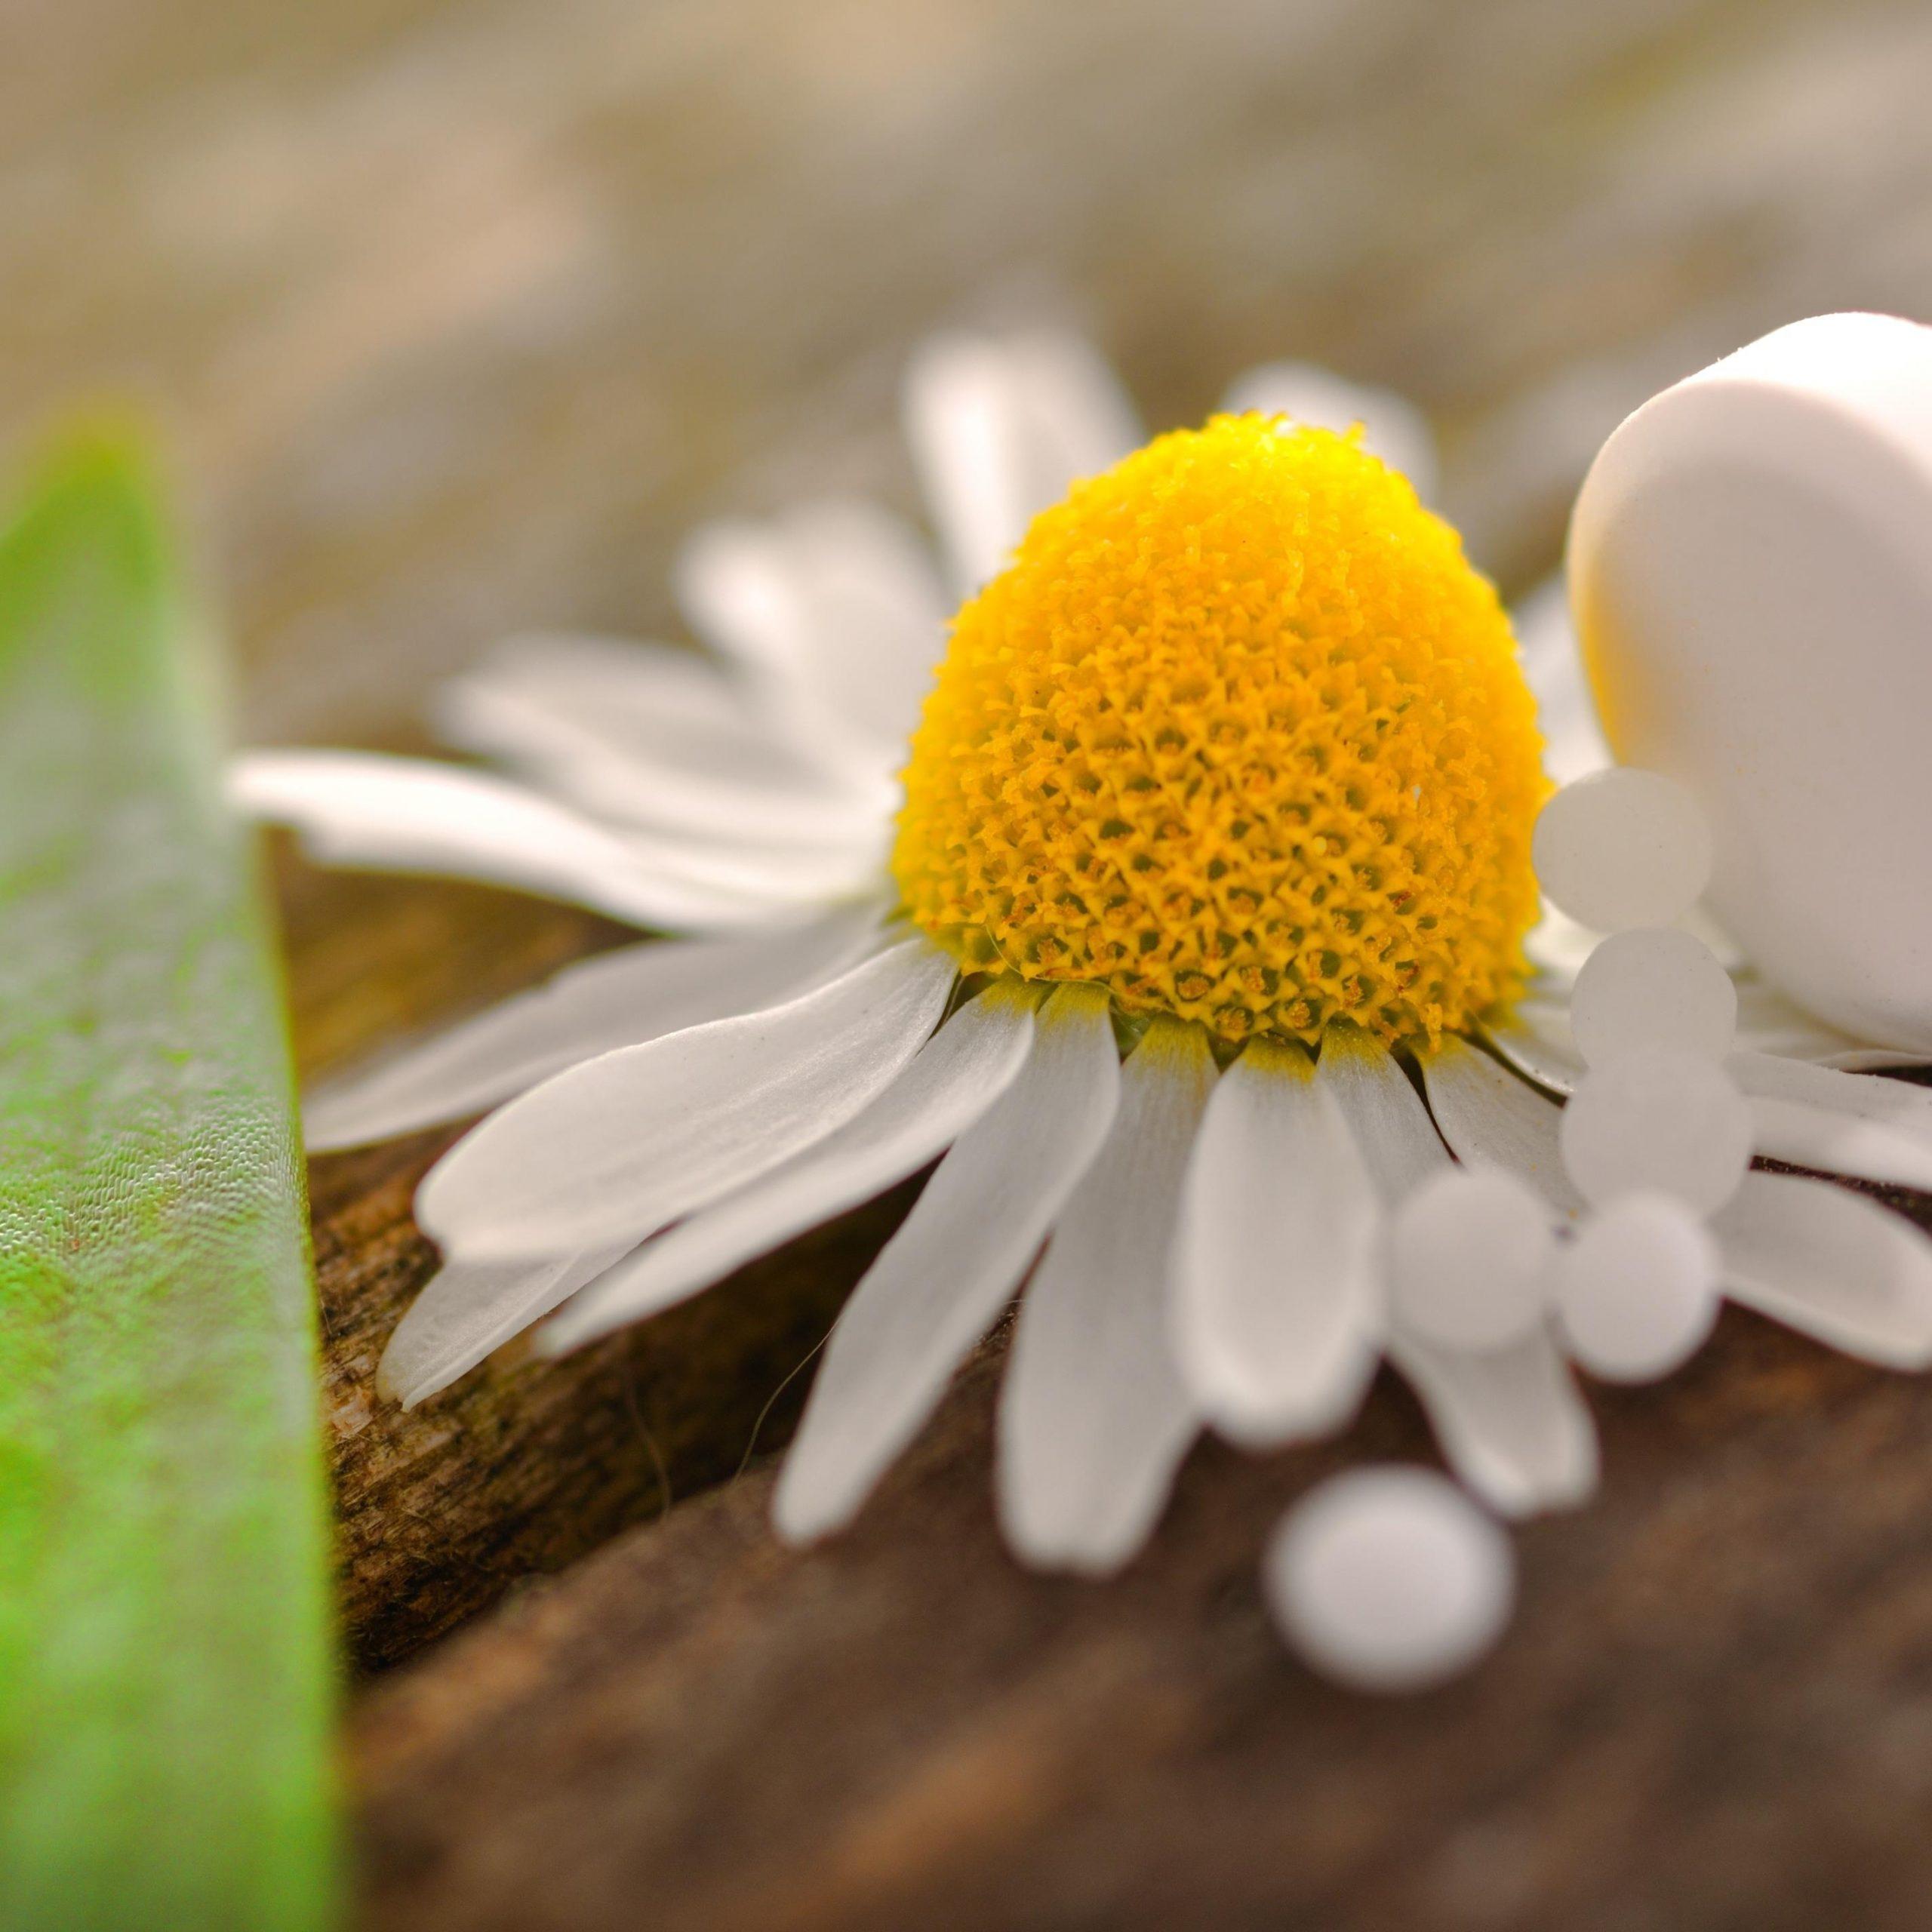 nter dhu-fachkreise.de finden Heilpraktiker einen eigenen umfassenden Wissensbereich rund um die Homöopathie und Schüßler-Salze